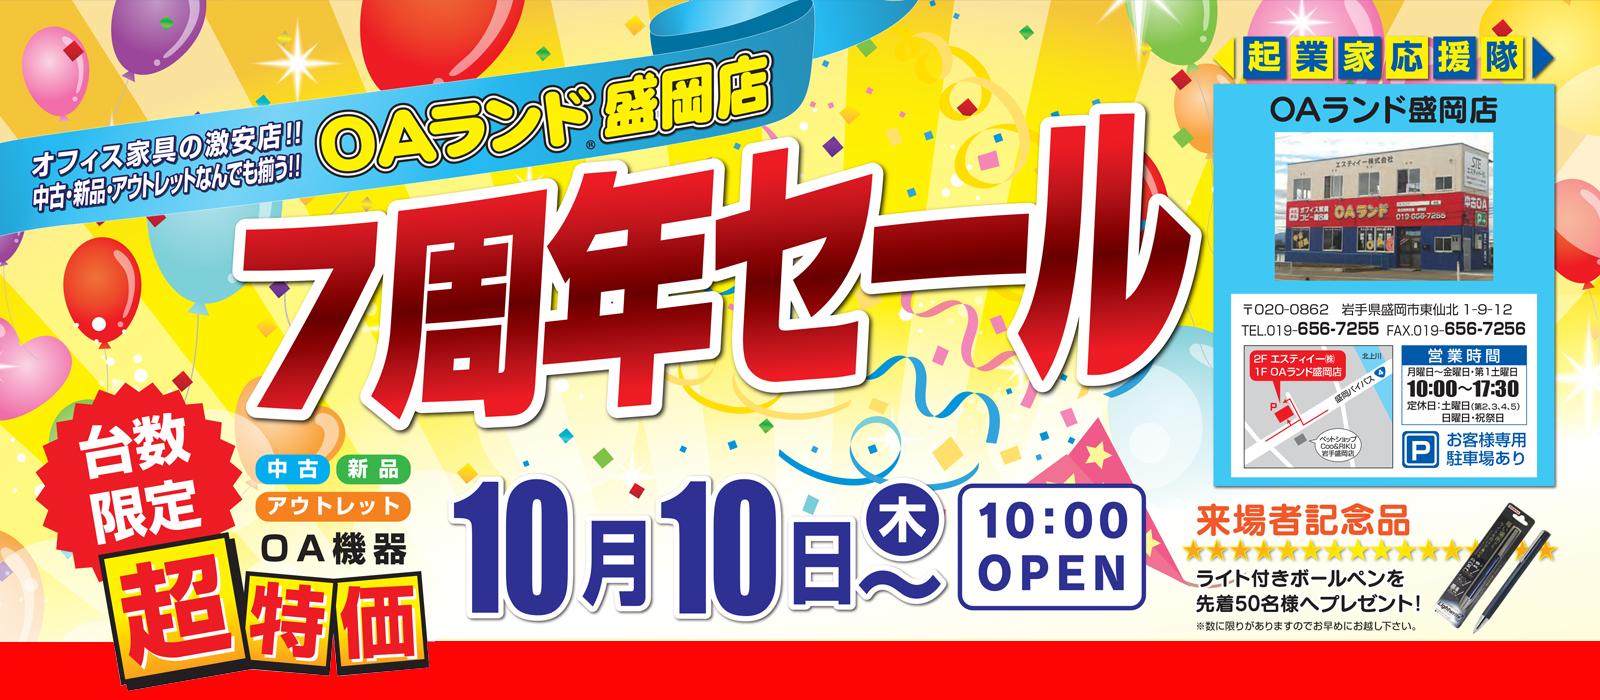 OAランド盛岡店 7周年セール